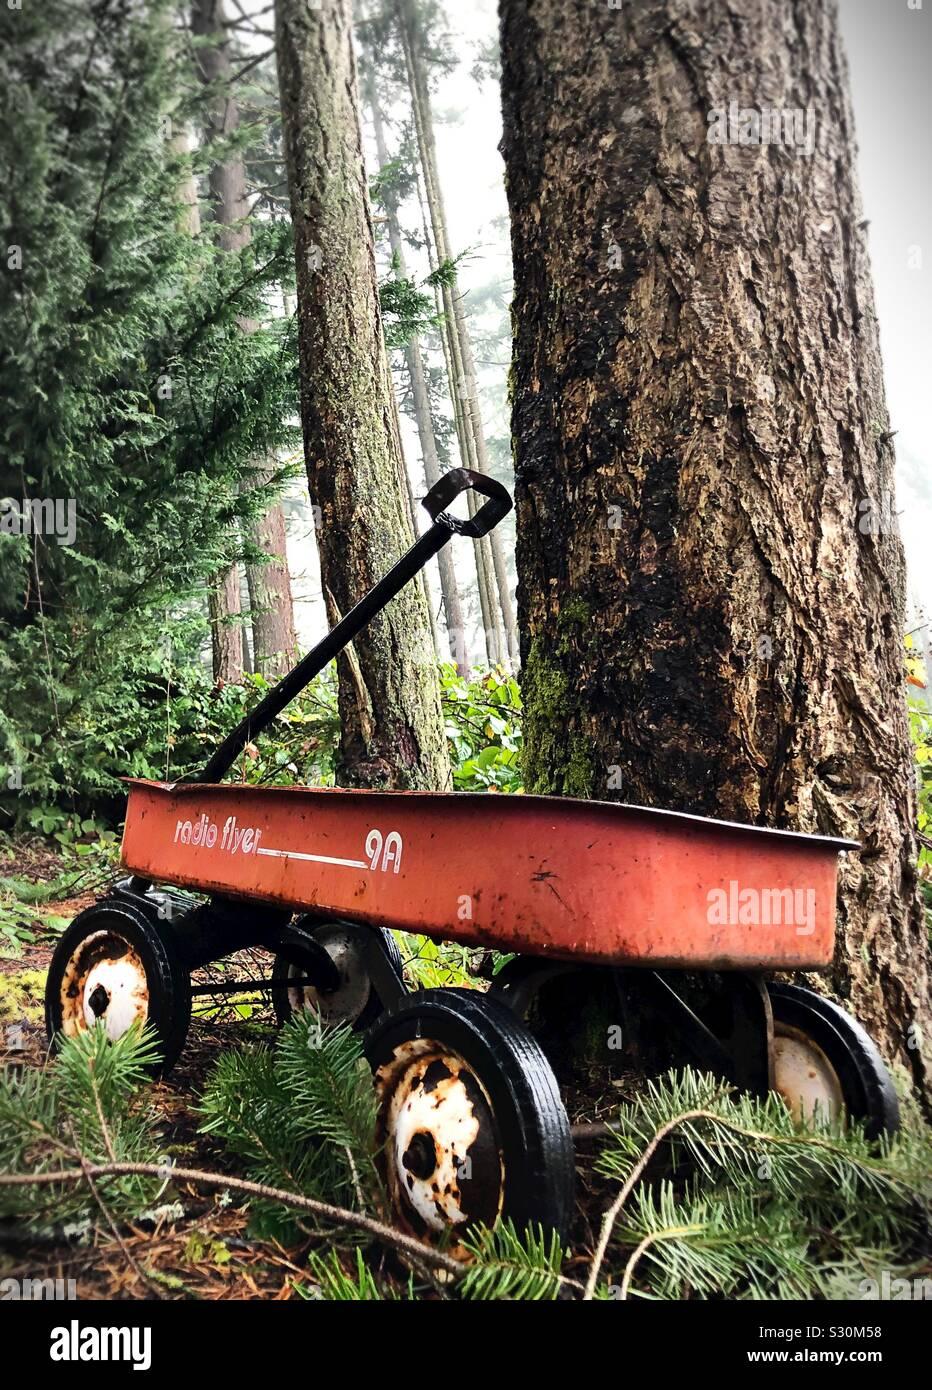 Un vieux wagon radio flyer contre un arbre dans une forêt. Banque D'Images